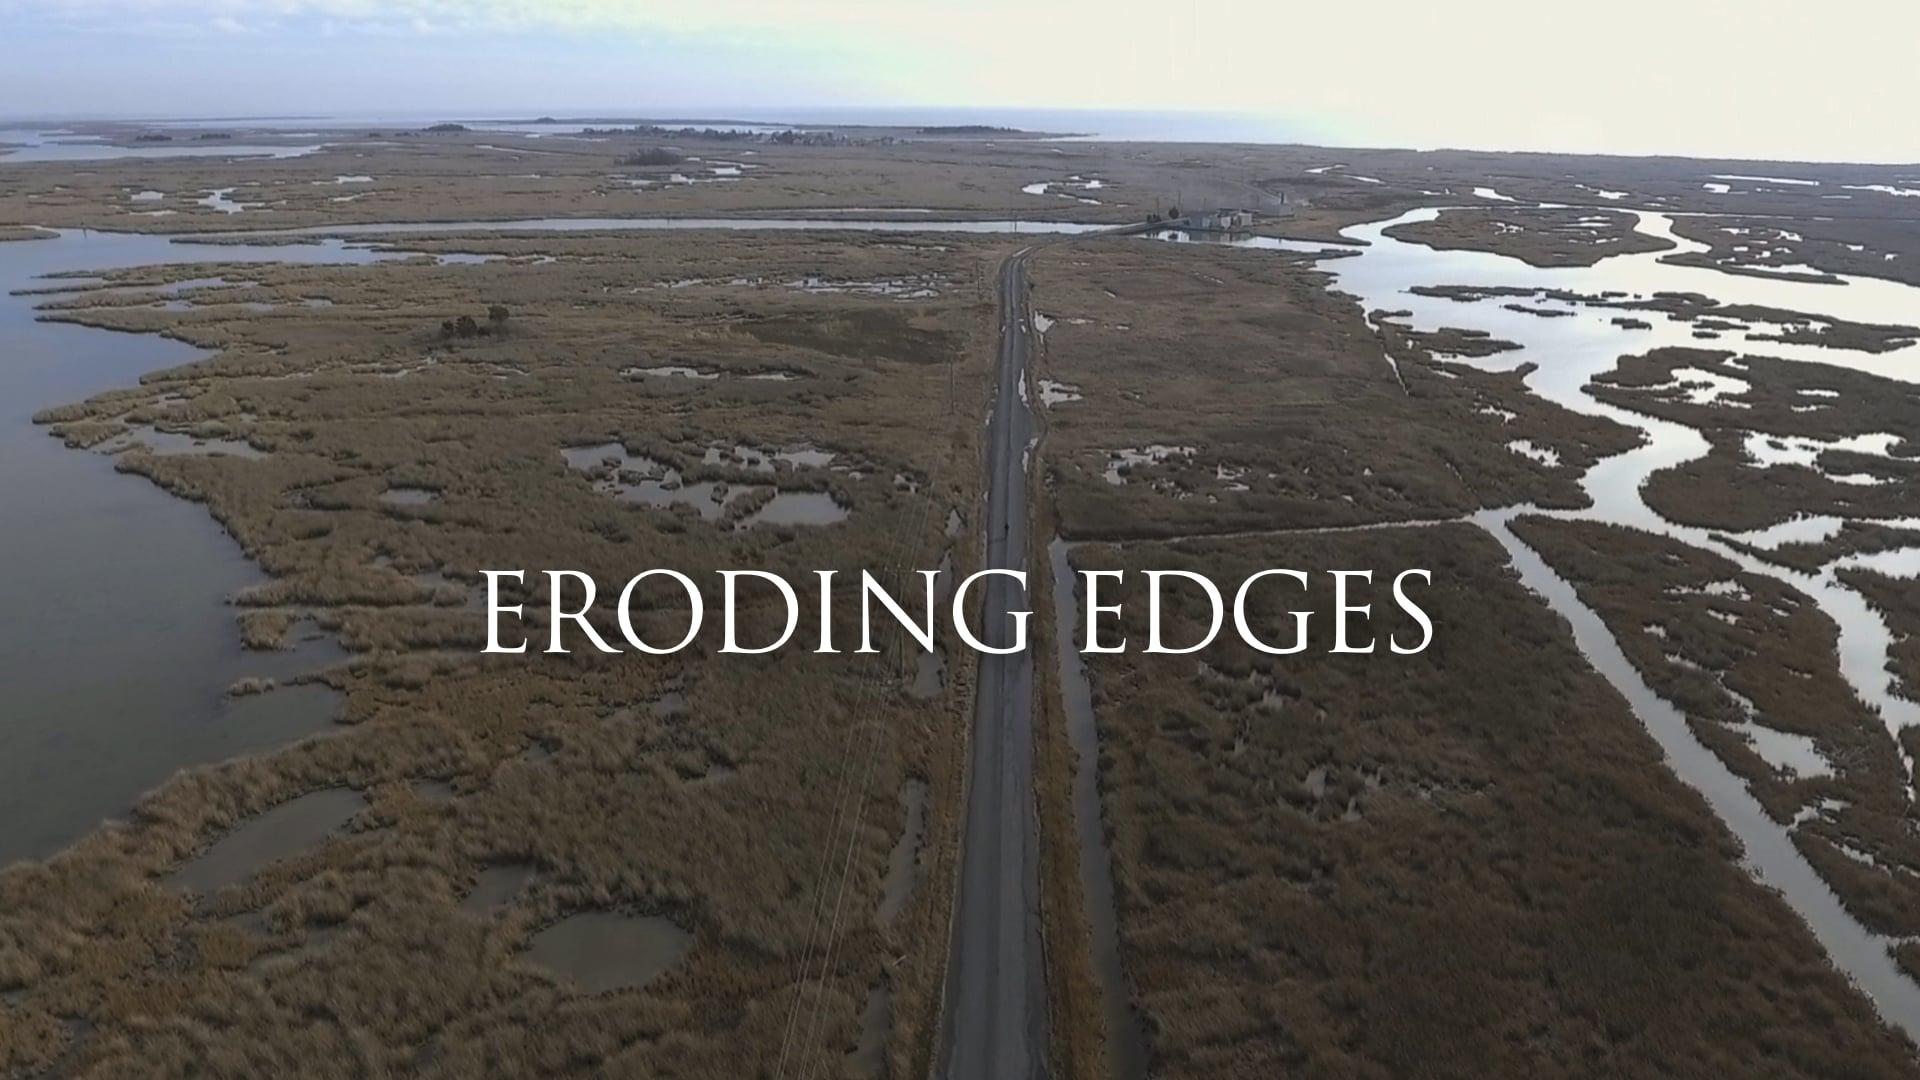 Eroding Edges - TEASER